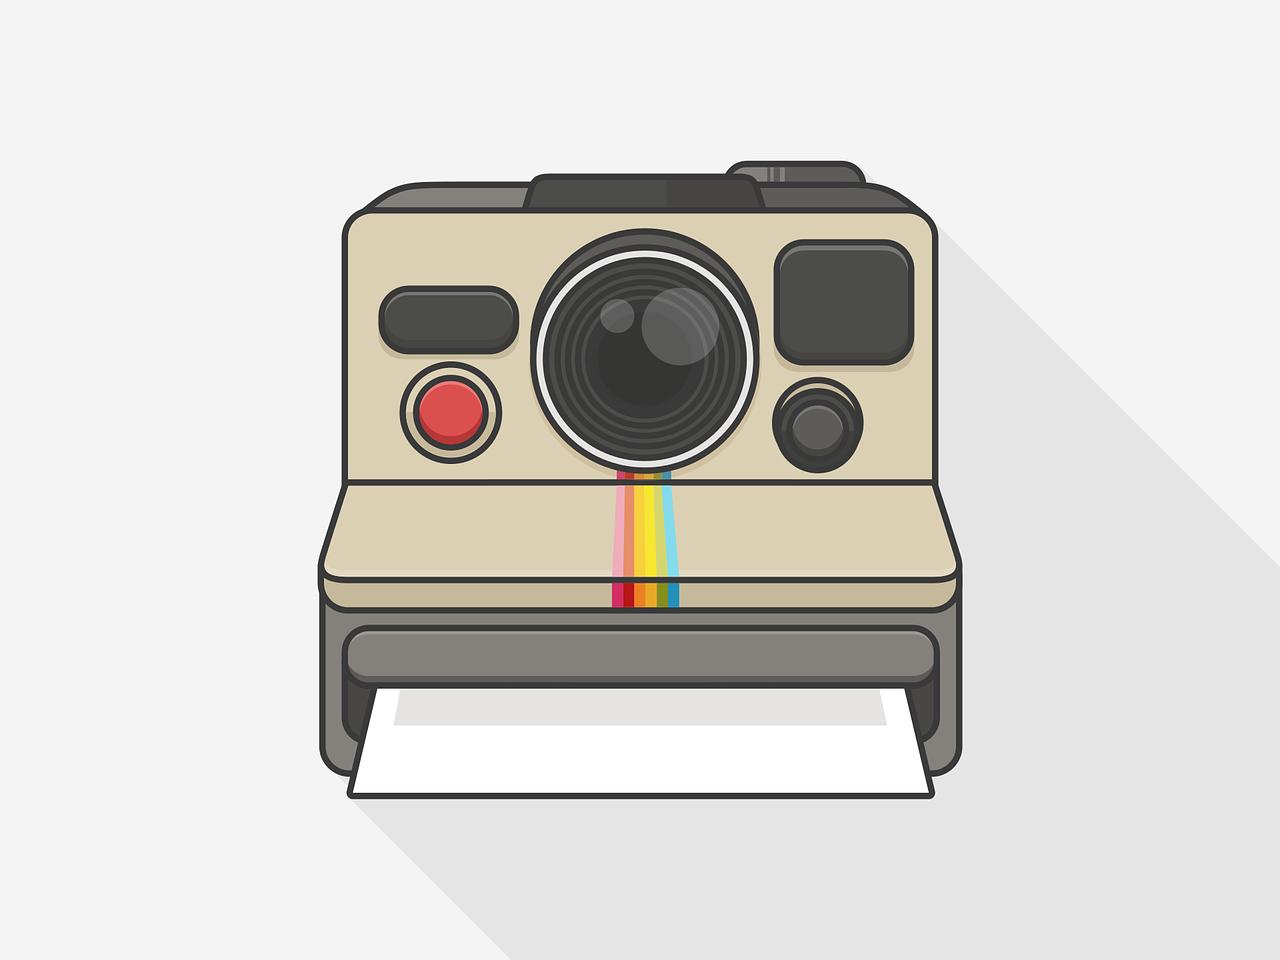 Micronarrativas en Instagram: análisis del storytelling autobiográfico y de la proyección de identidades de los universitarios del ambito de la comunicación